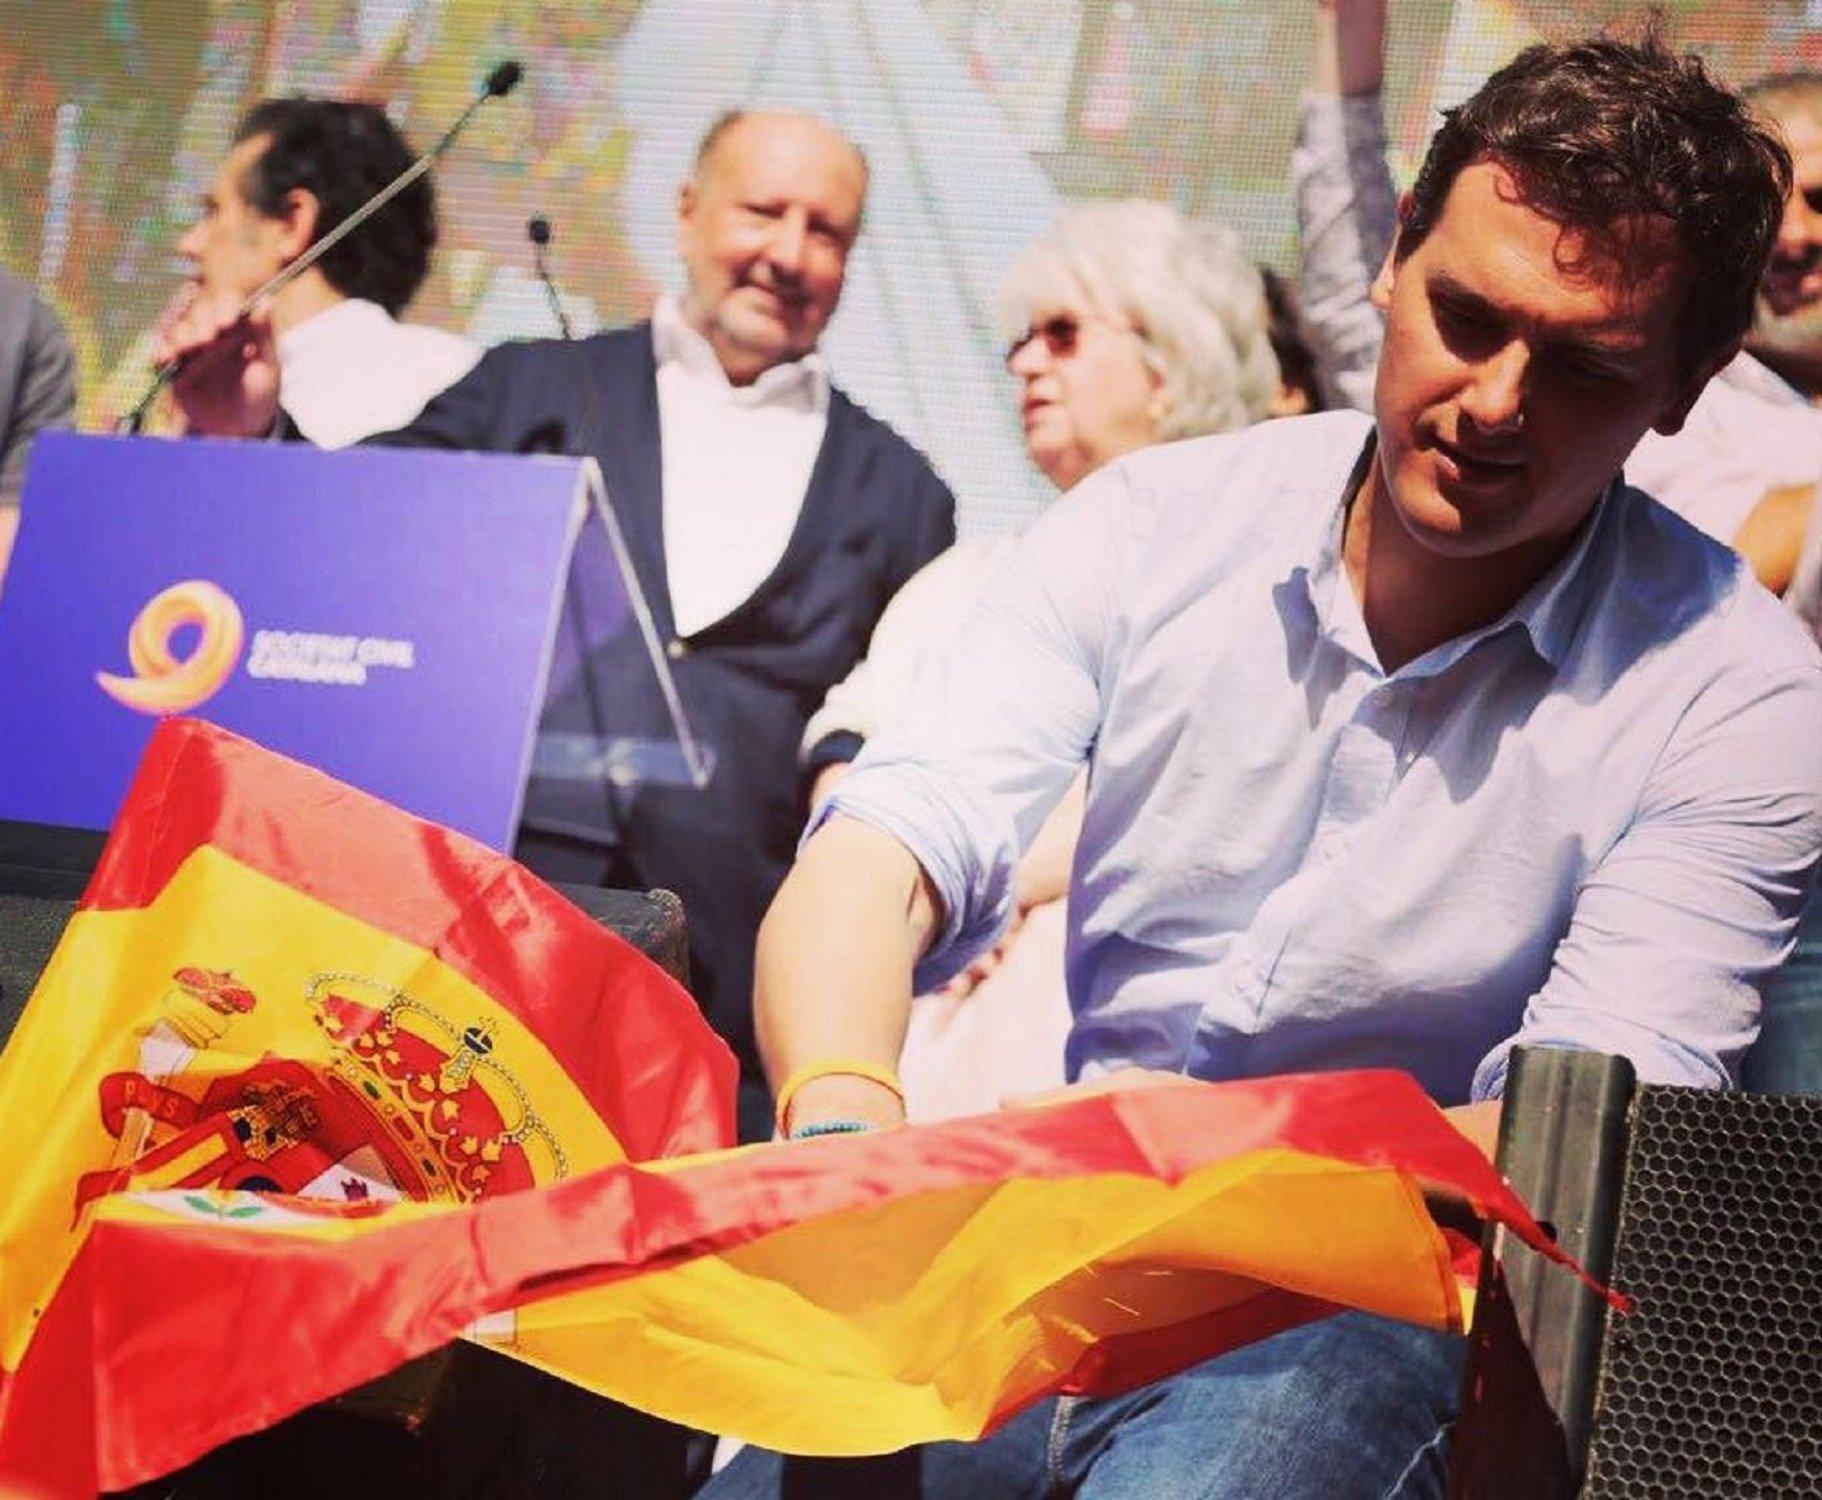 Le 'recetan' Con Rivera Obsesión La Bandera Española Calmantes A Su Por E29IWHYD